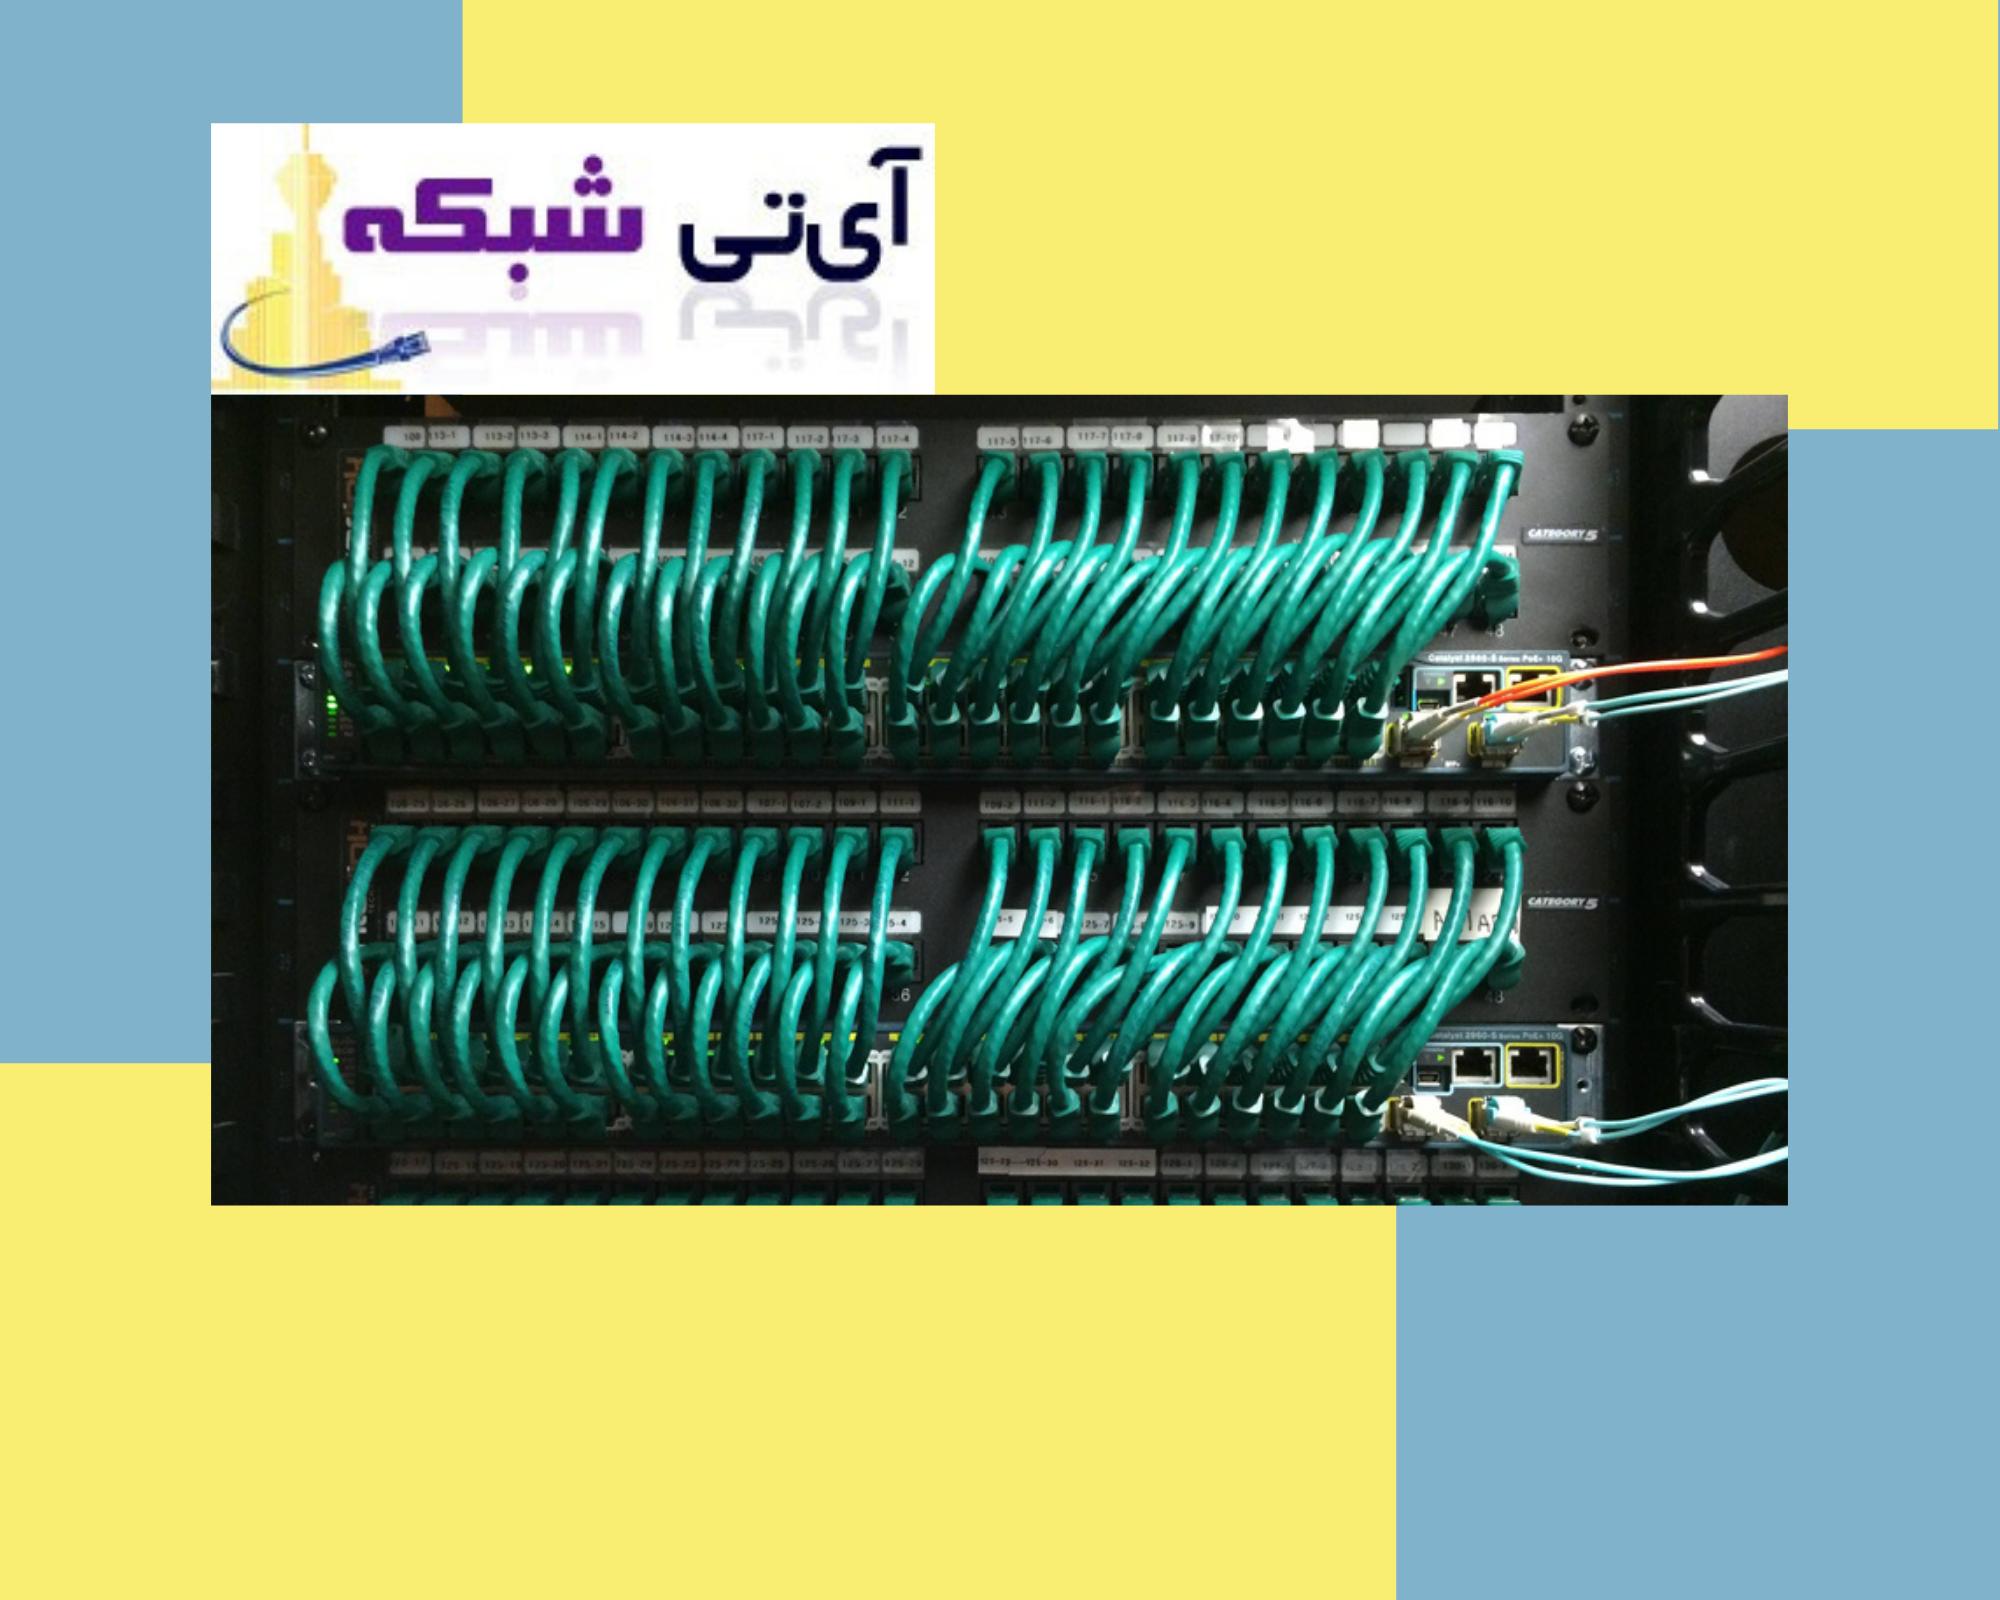 اجرای - پسیو - شبکه - ای - تی - شبکه